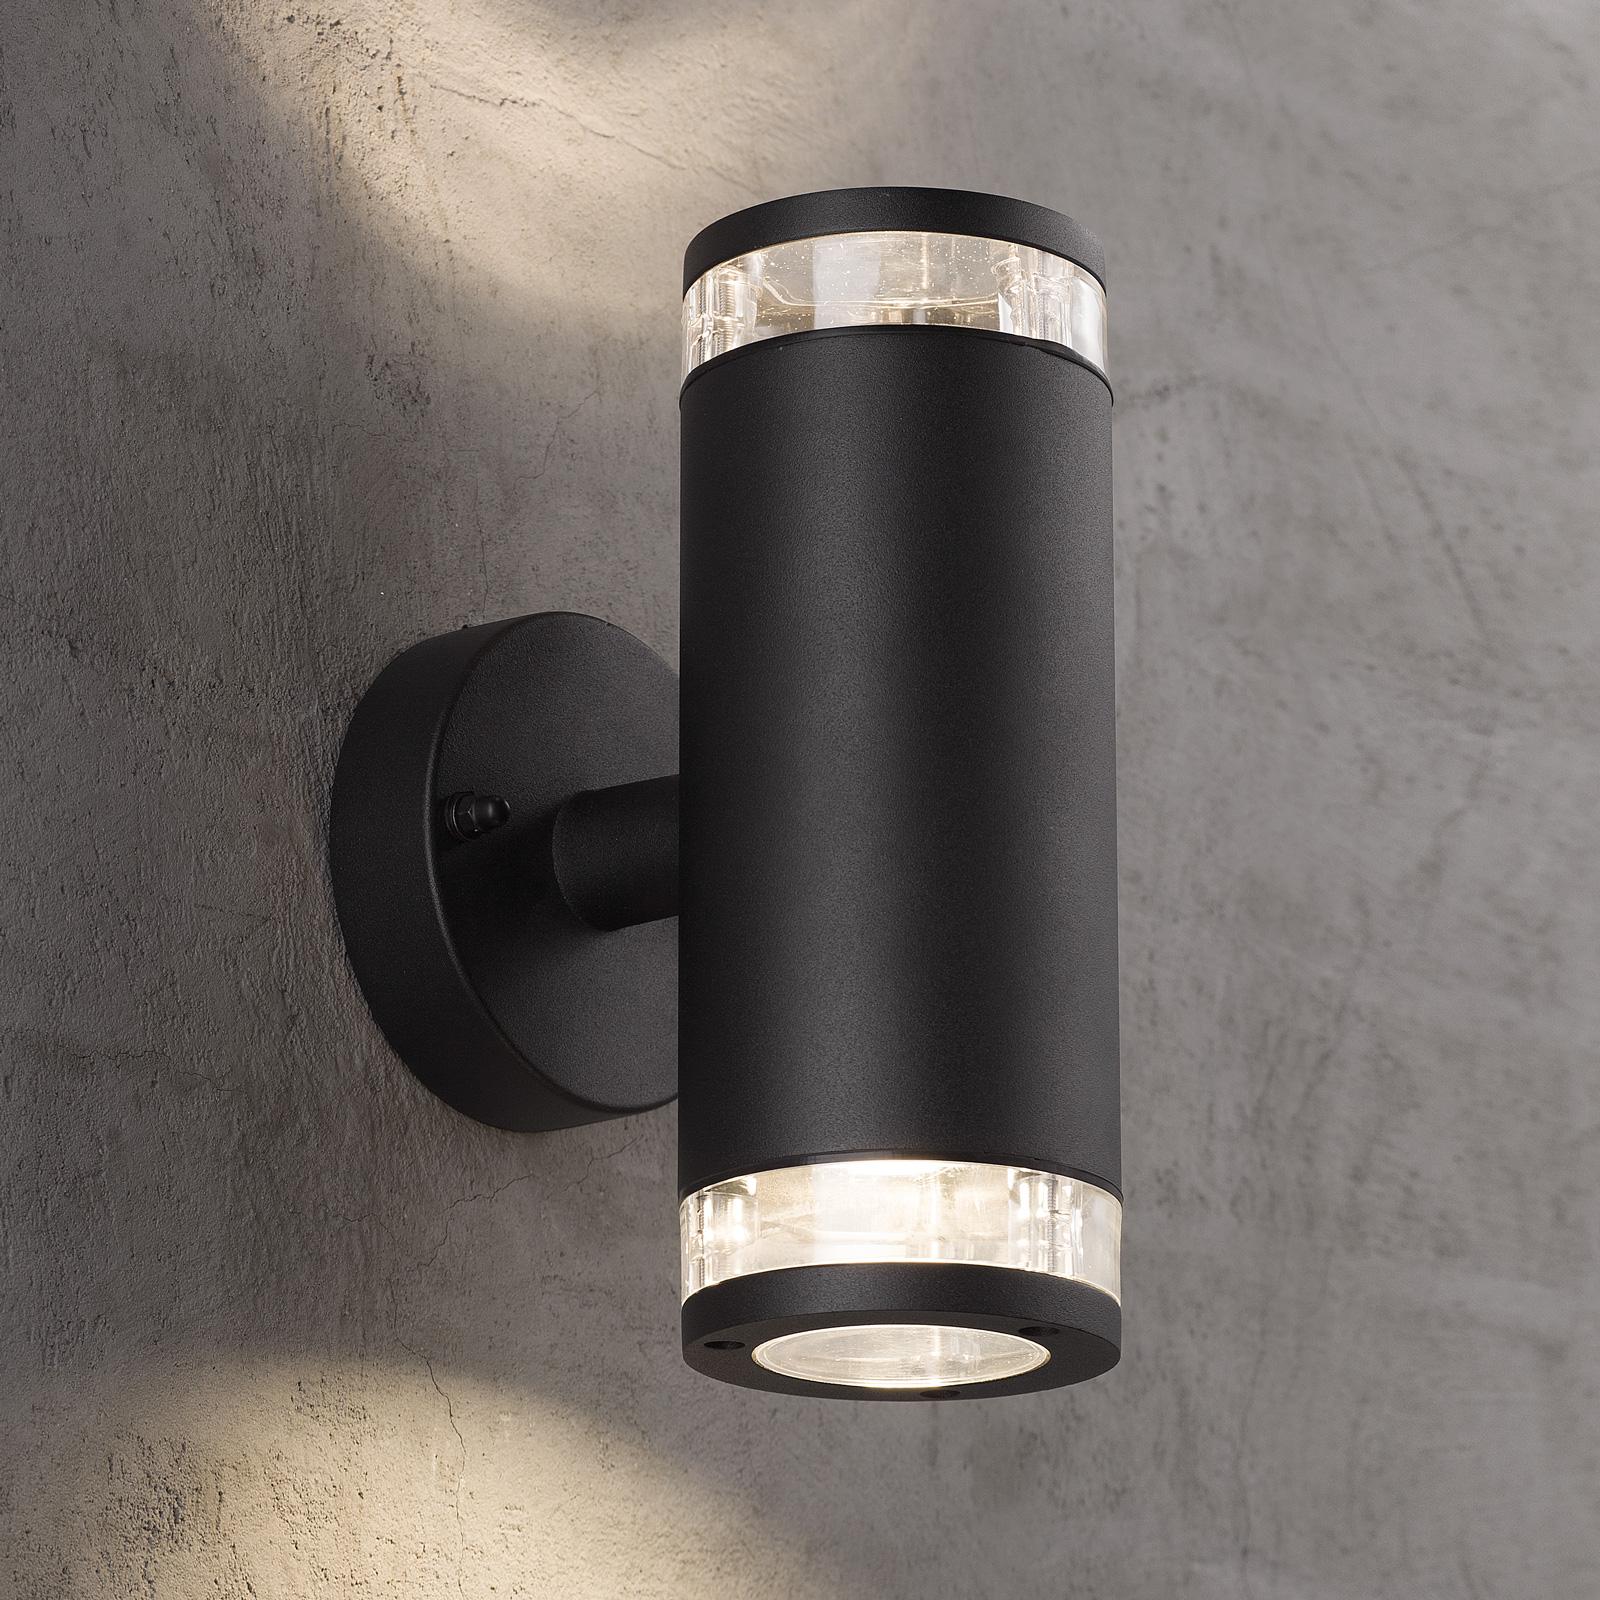 Buitenwandlamp Birk, 2-lamps, zwart